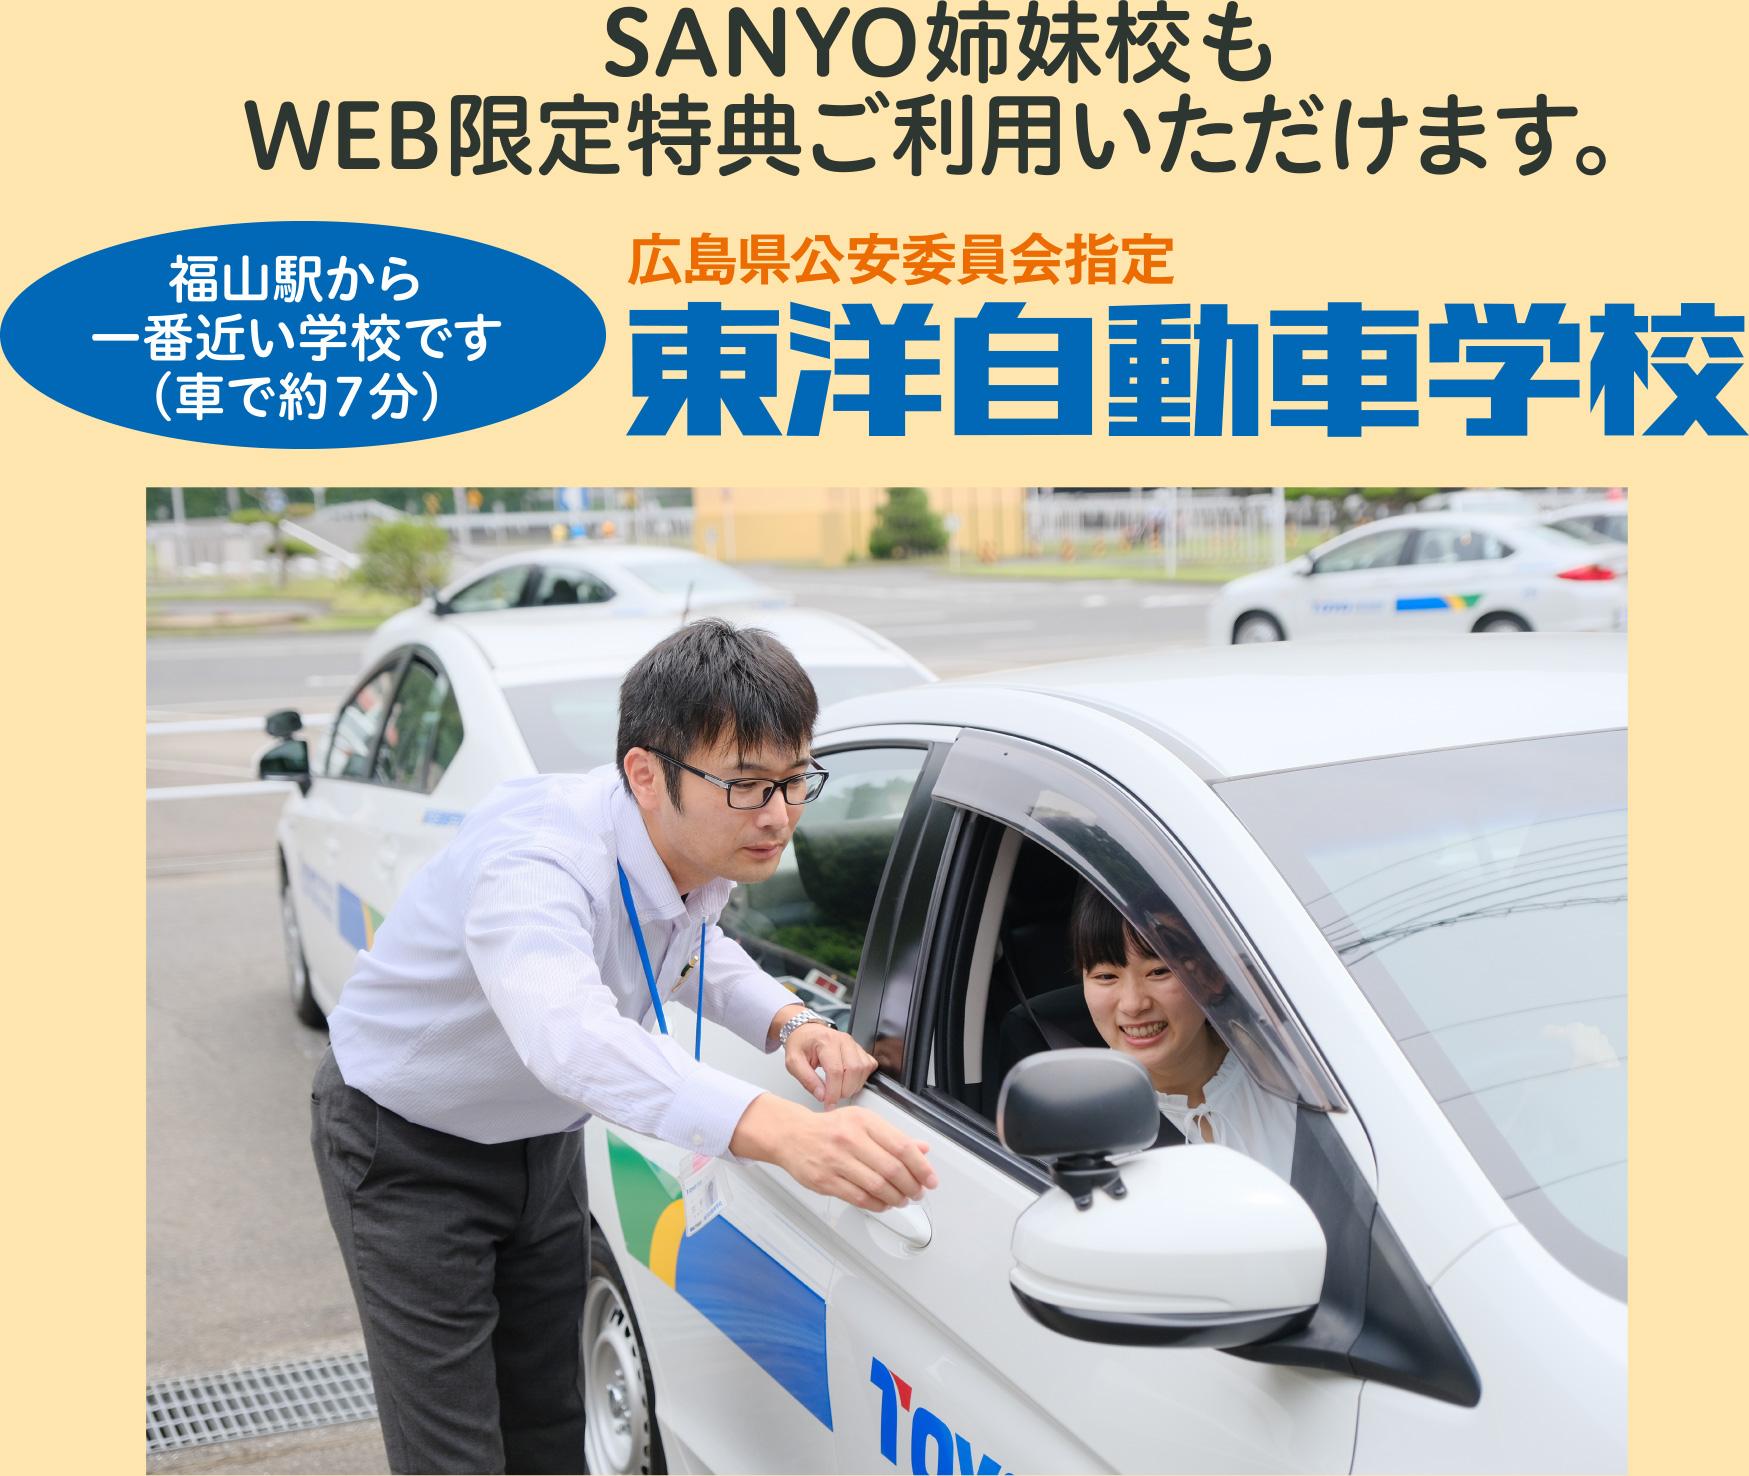 SANYO姉妹校もWEB限定特典ご利用いただけます。東洋自動車学校